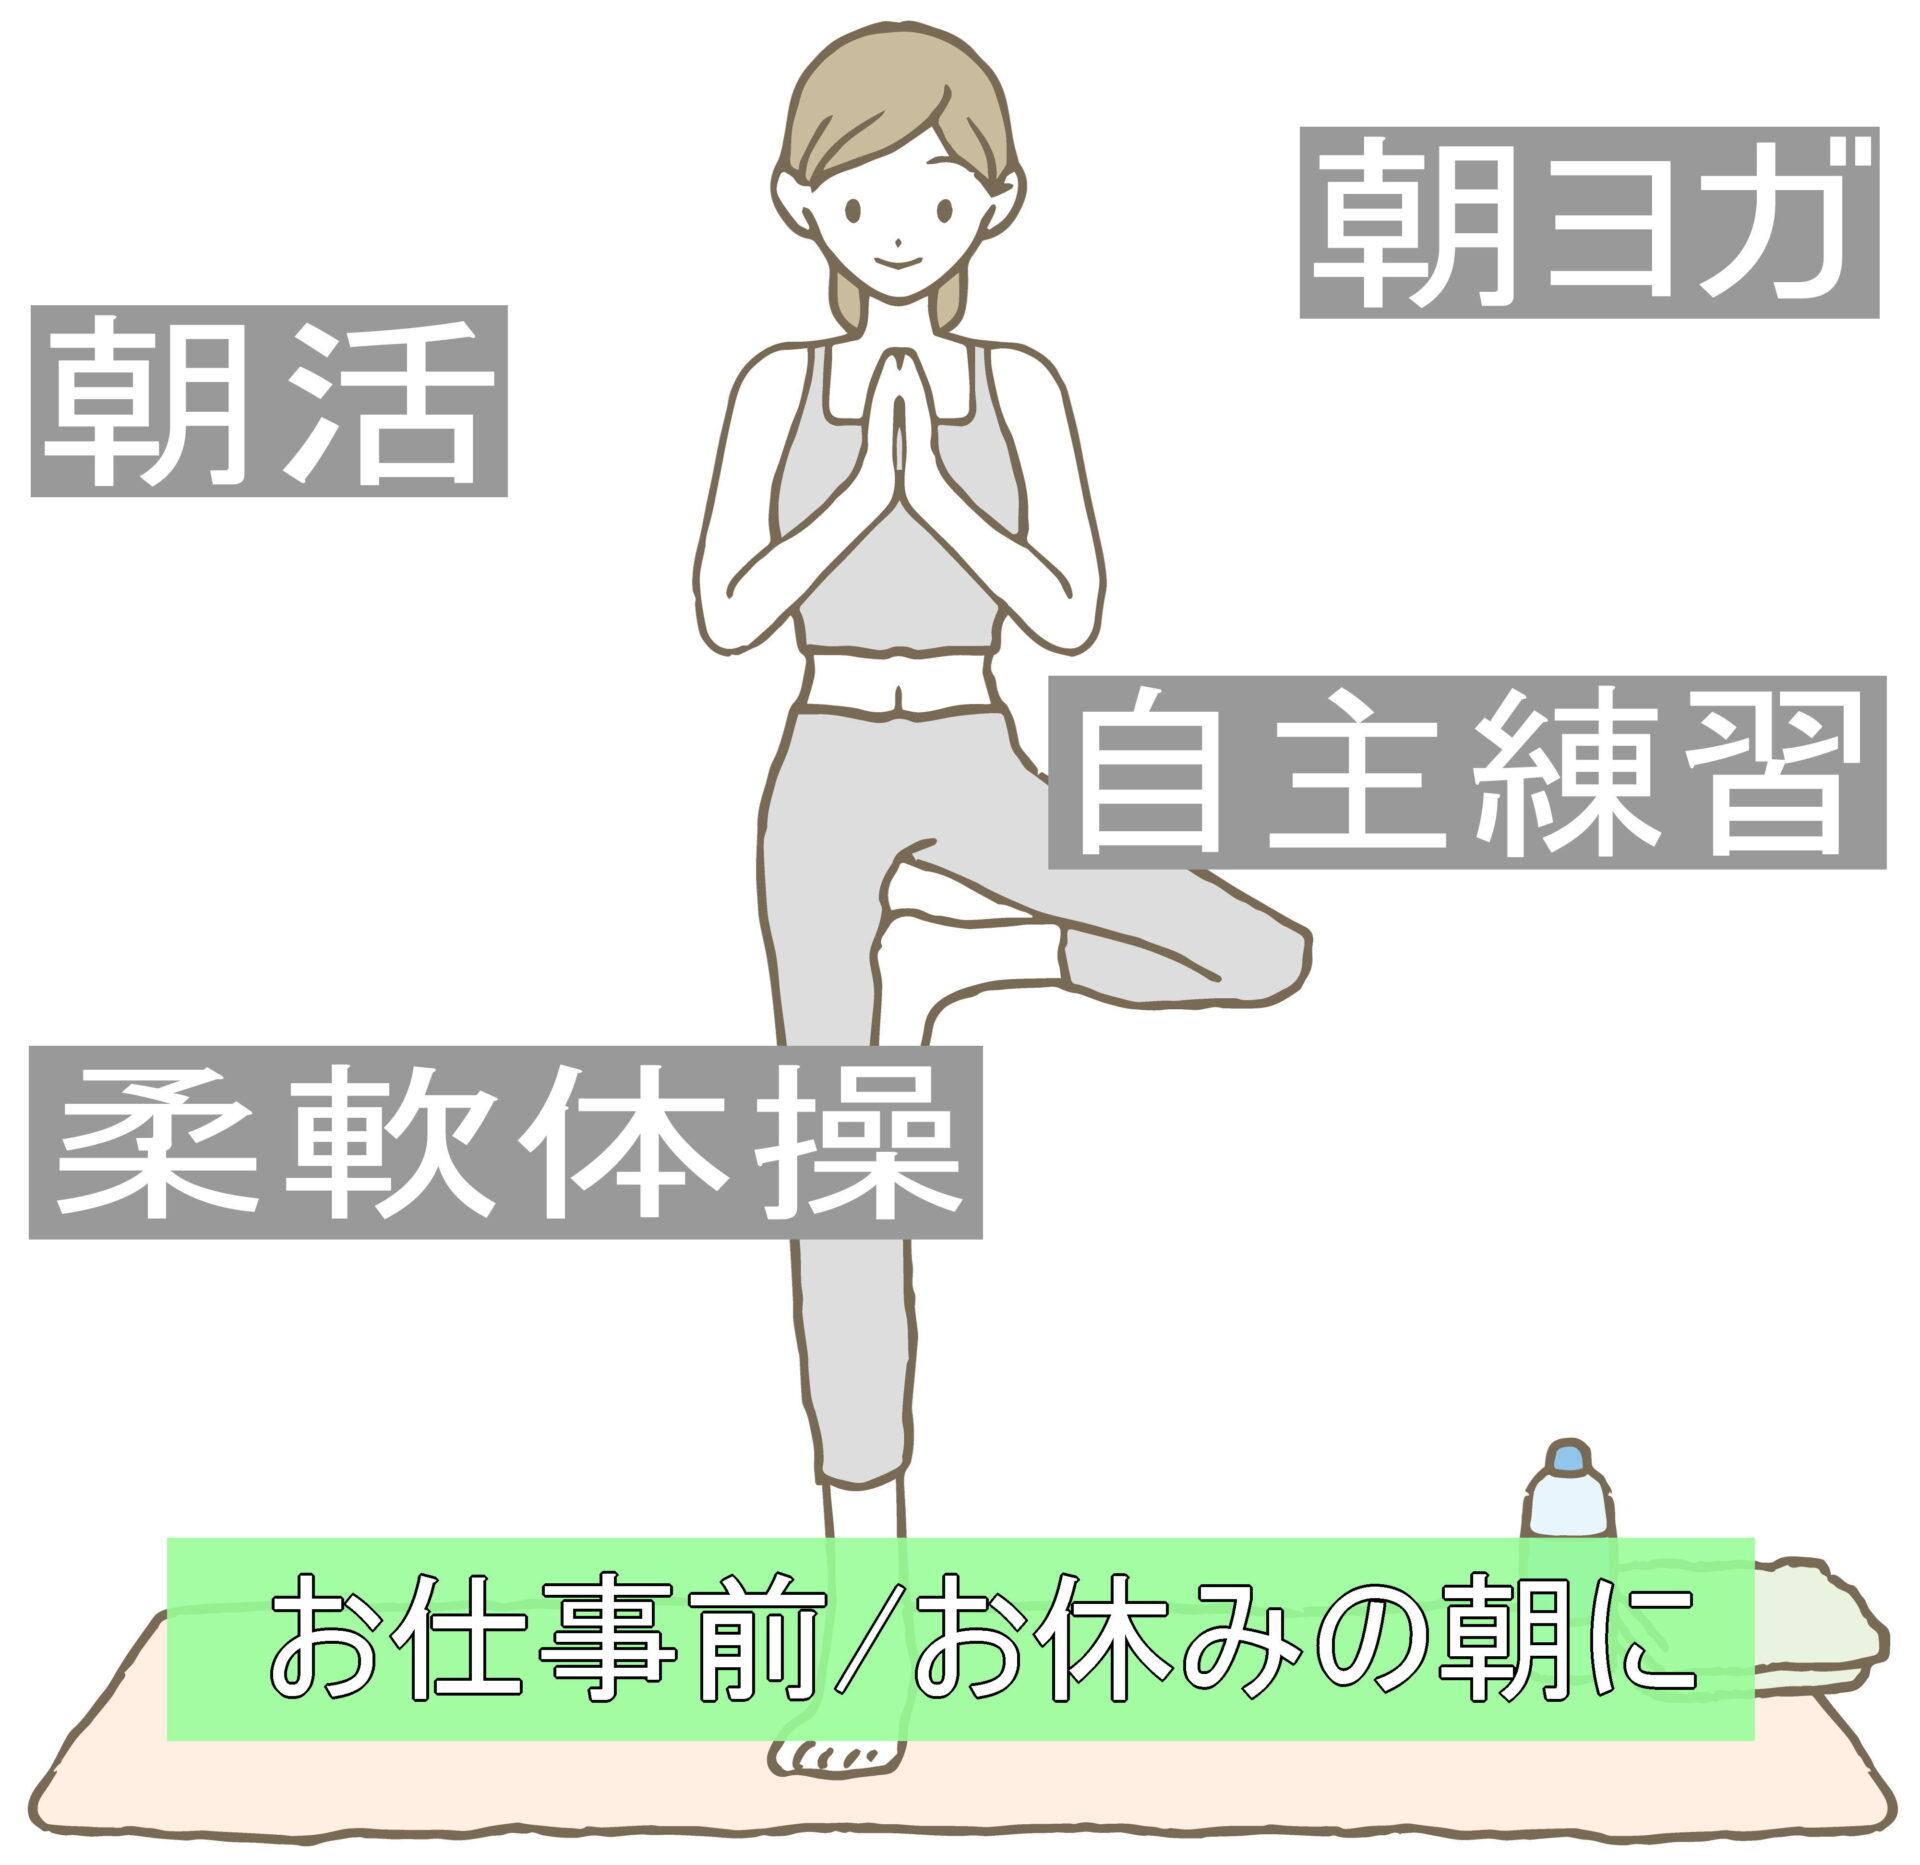 ヨガ ピラティス 自主練習 朝活 などにオススメ 高田馬場 レンタルスタジオ